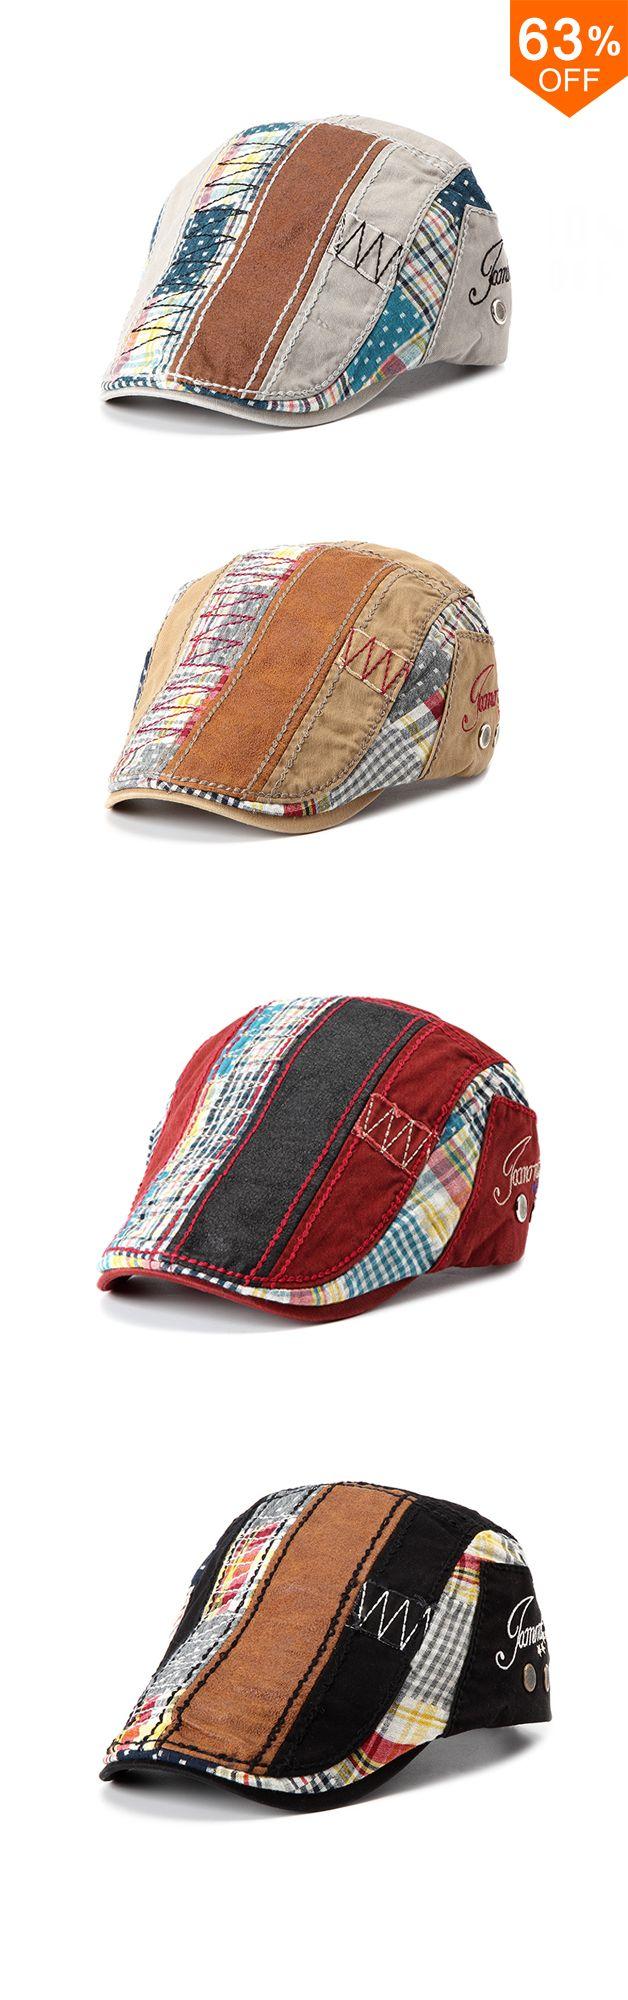 New Fashion-Men Women Cotton Washed Beret Hat Buckle Adjustable Paper Boy  Newsboy Cabbie Golf Gentleman Cap 4892c4308720